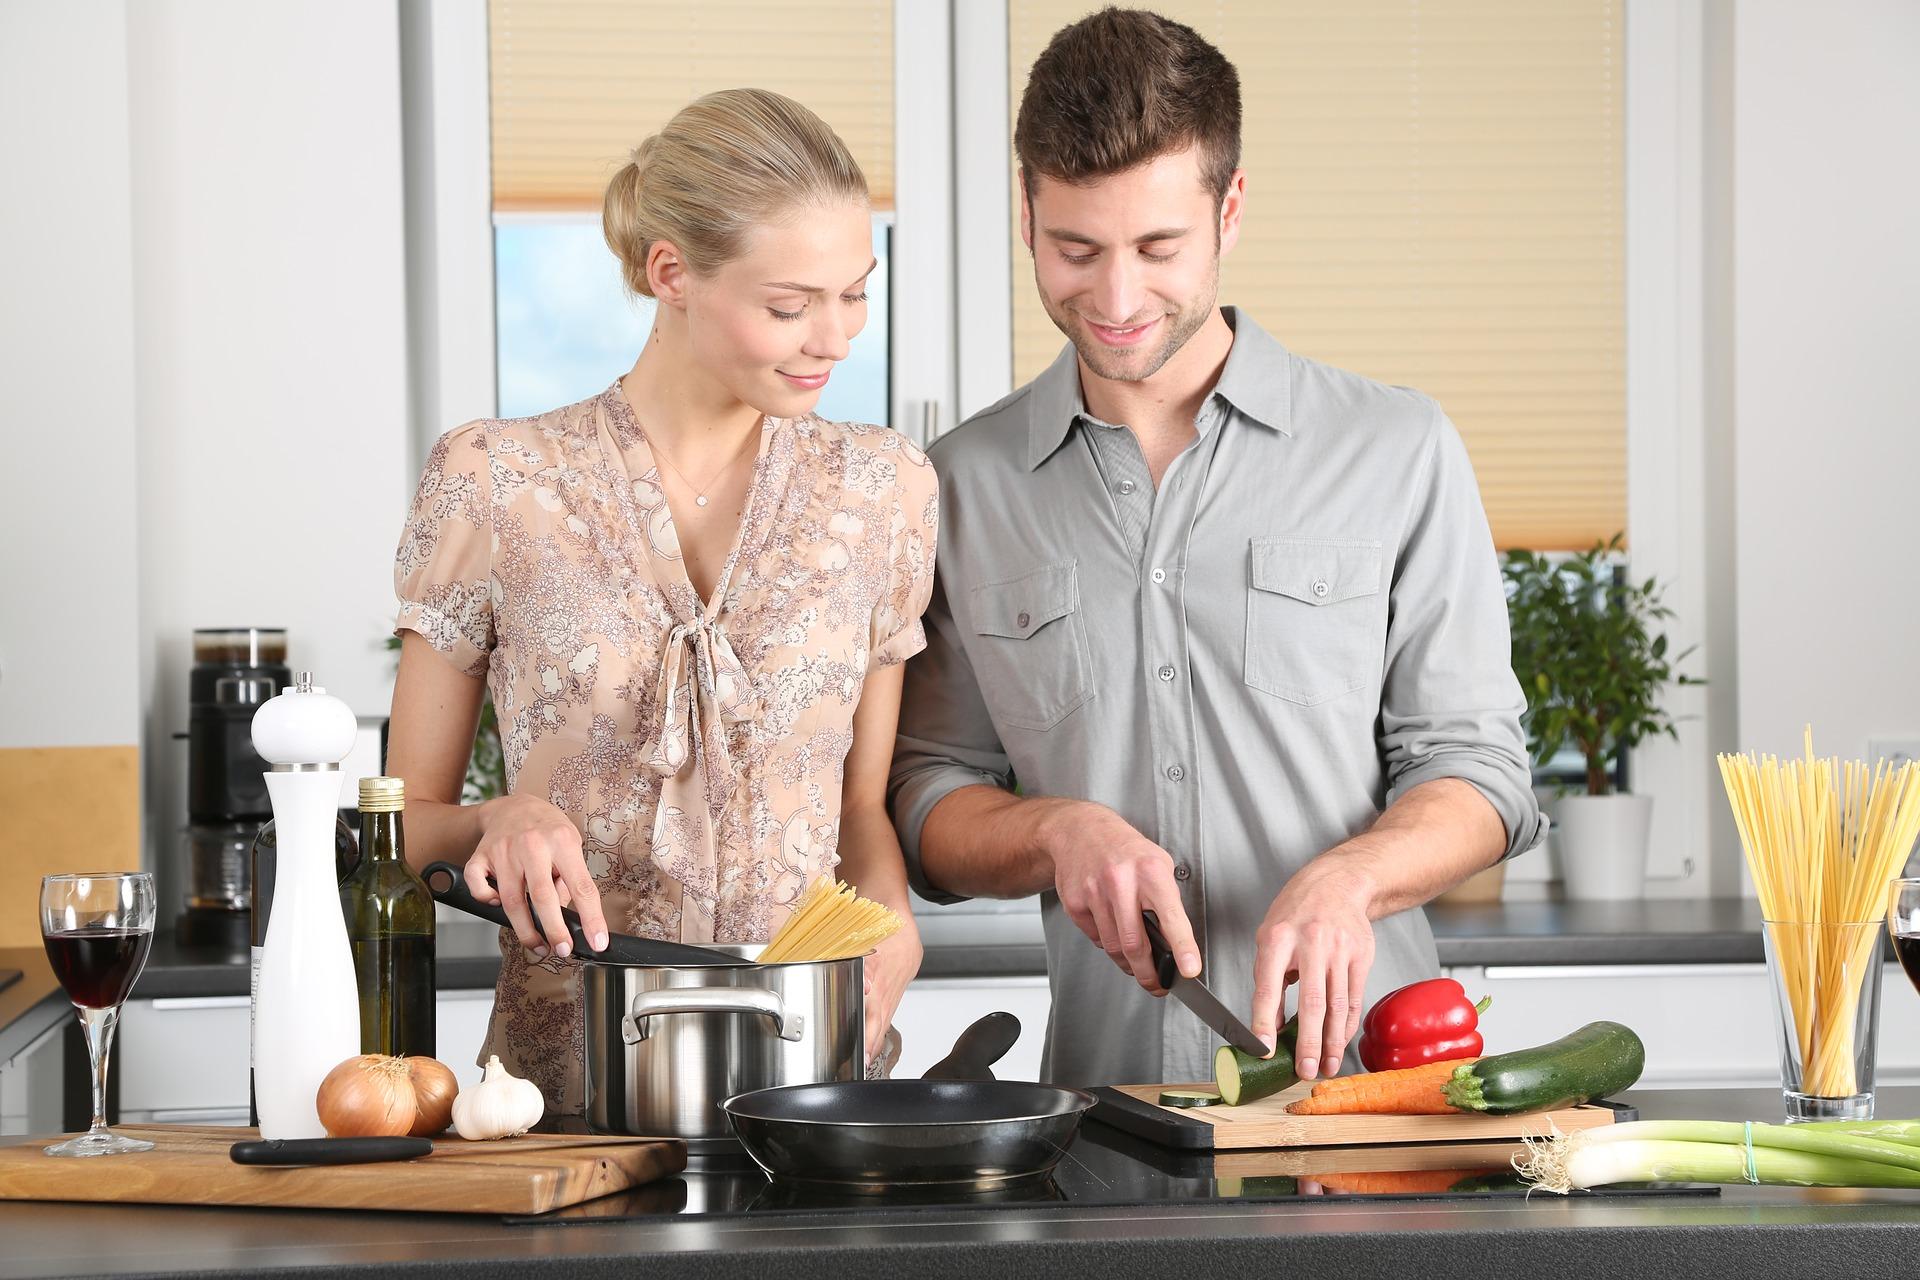 come arredare una cucina piccola consigli da seguire